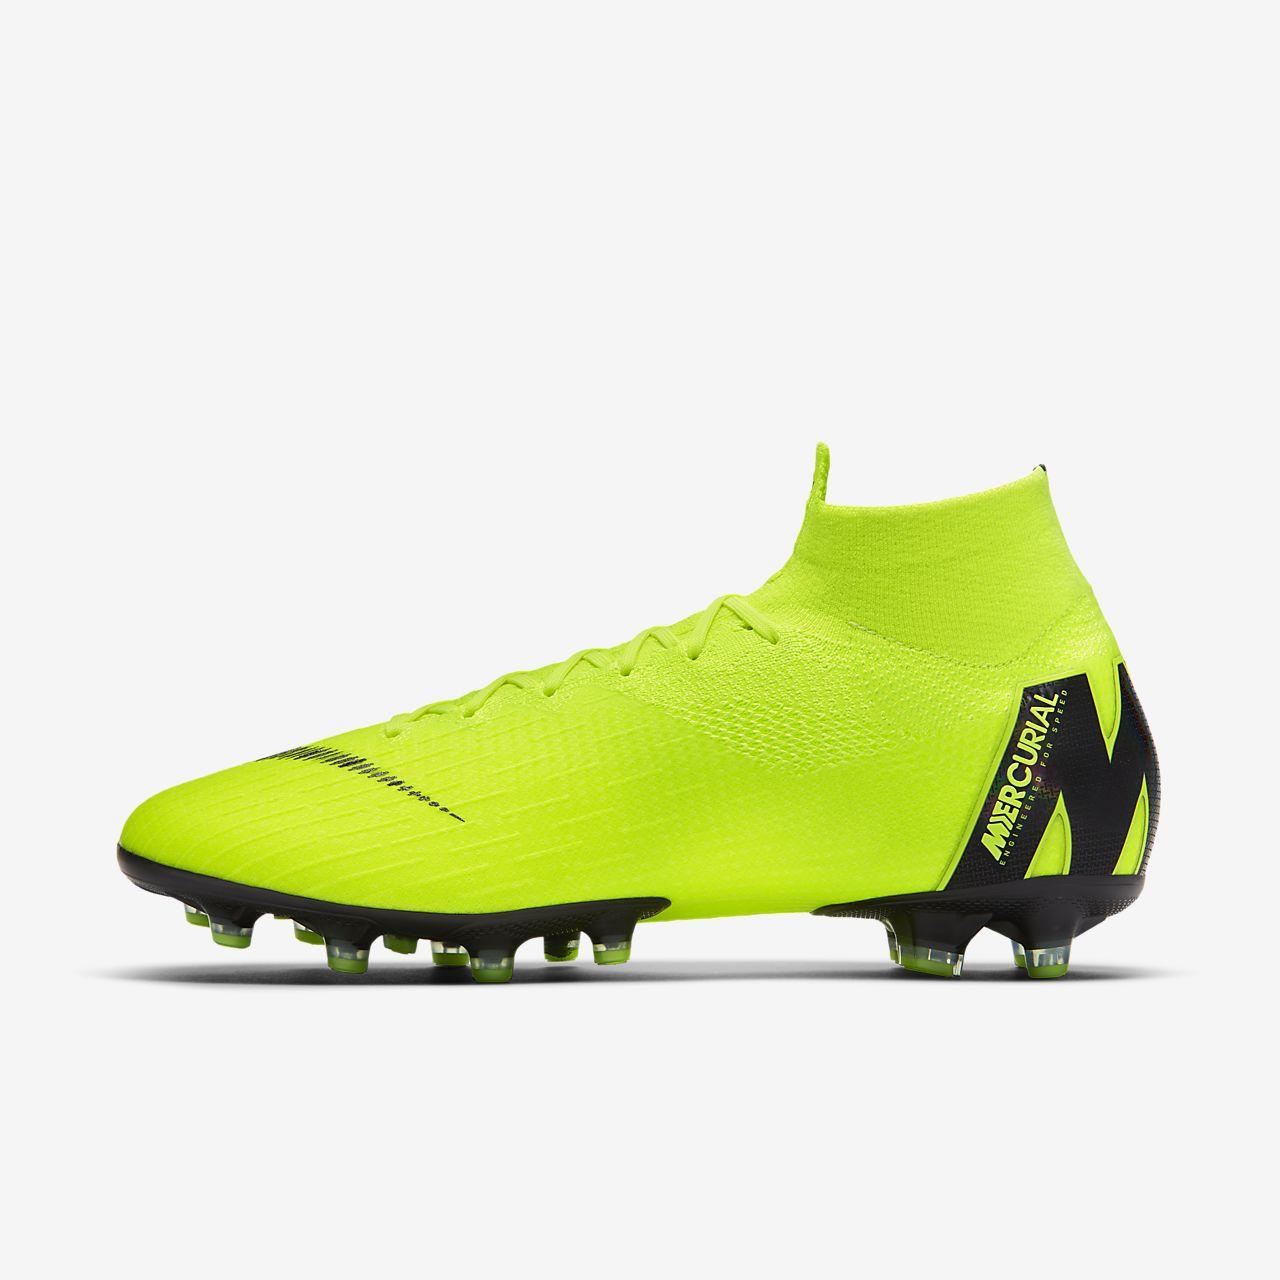 Nike Mercurial Superfly 360 Elite AG-PRO Botas de fútbol para césped  artificial ff602beb8b3e1